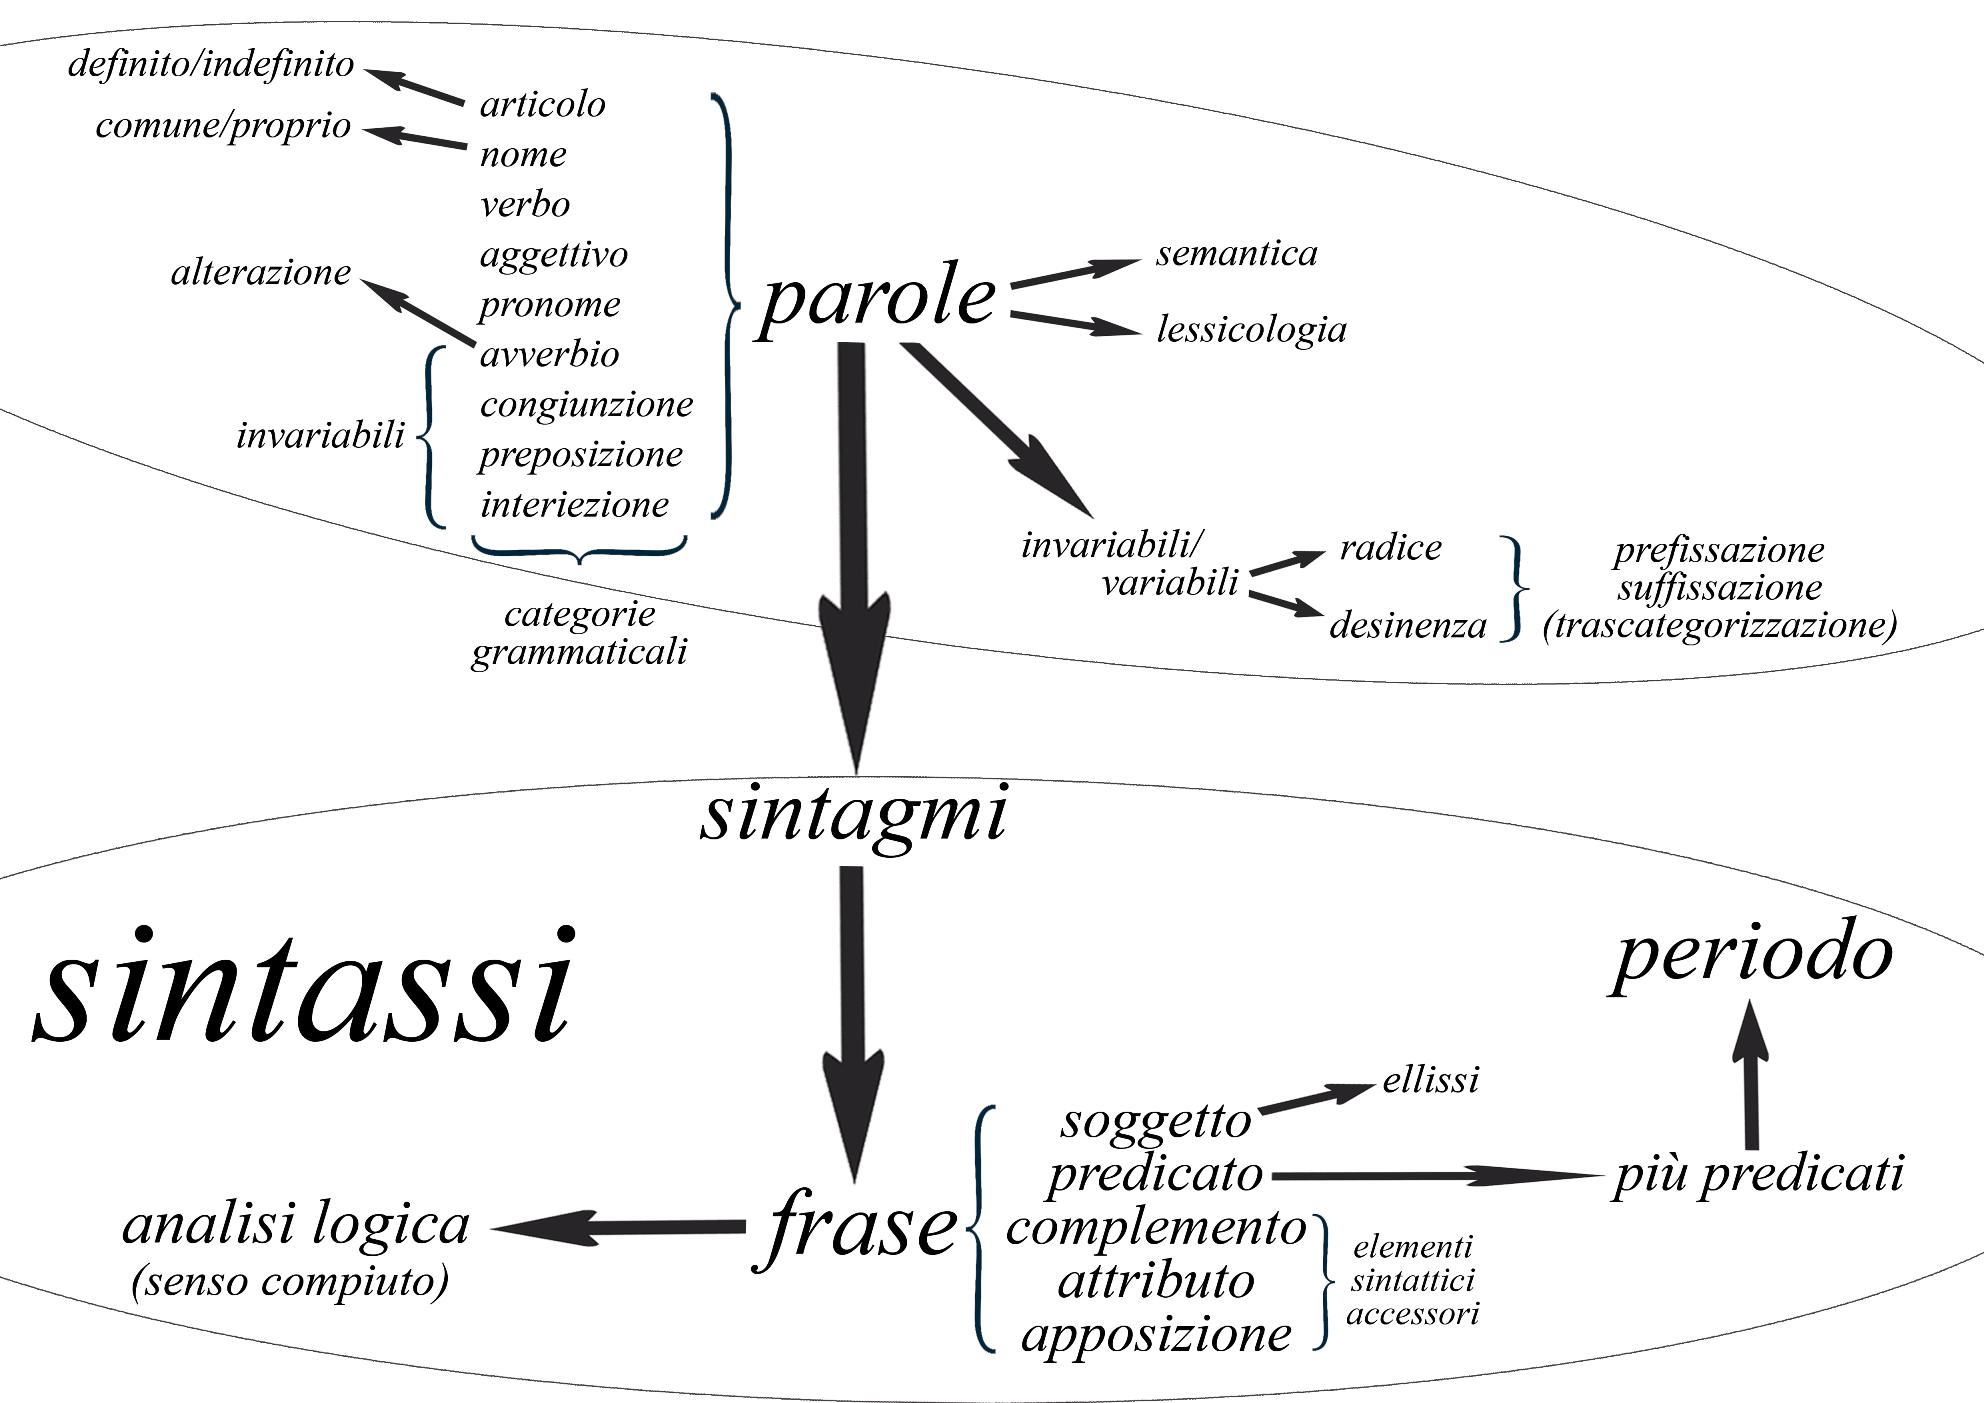 Fileelementi Di Analisi Logica E Grammaticale Della Lingua Italiana